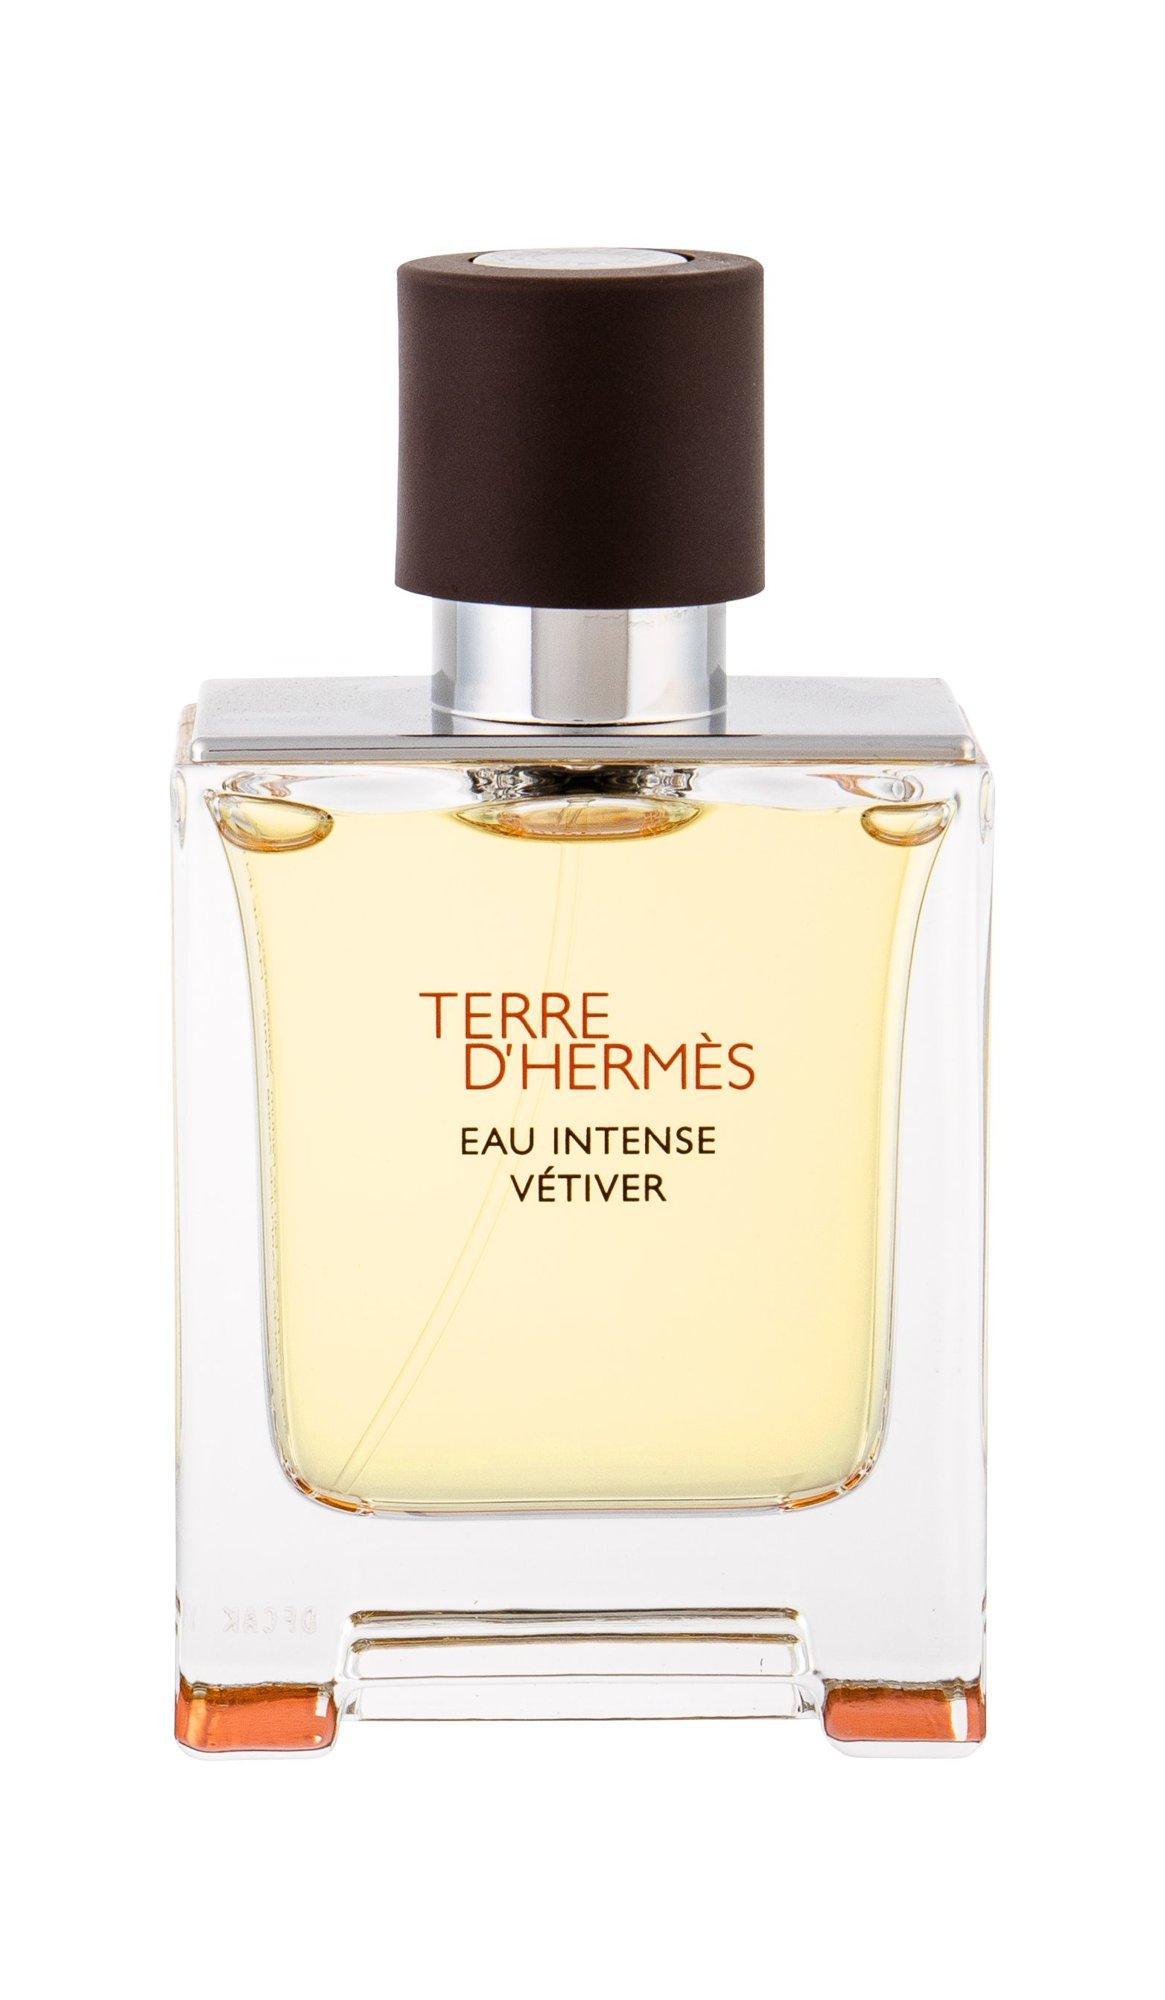 Hermes Terre D Hermes Eau Intense Vetiver Eau de Parfum 50ml